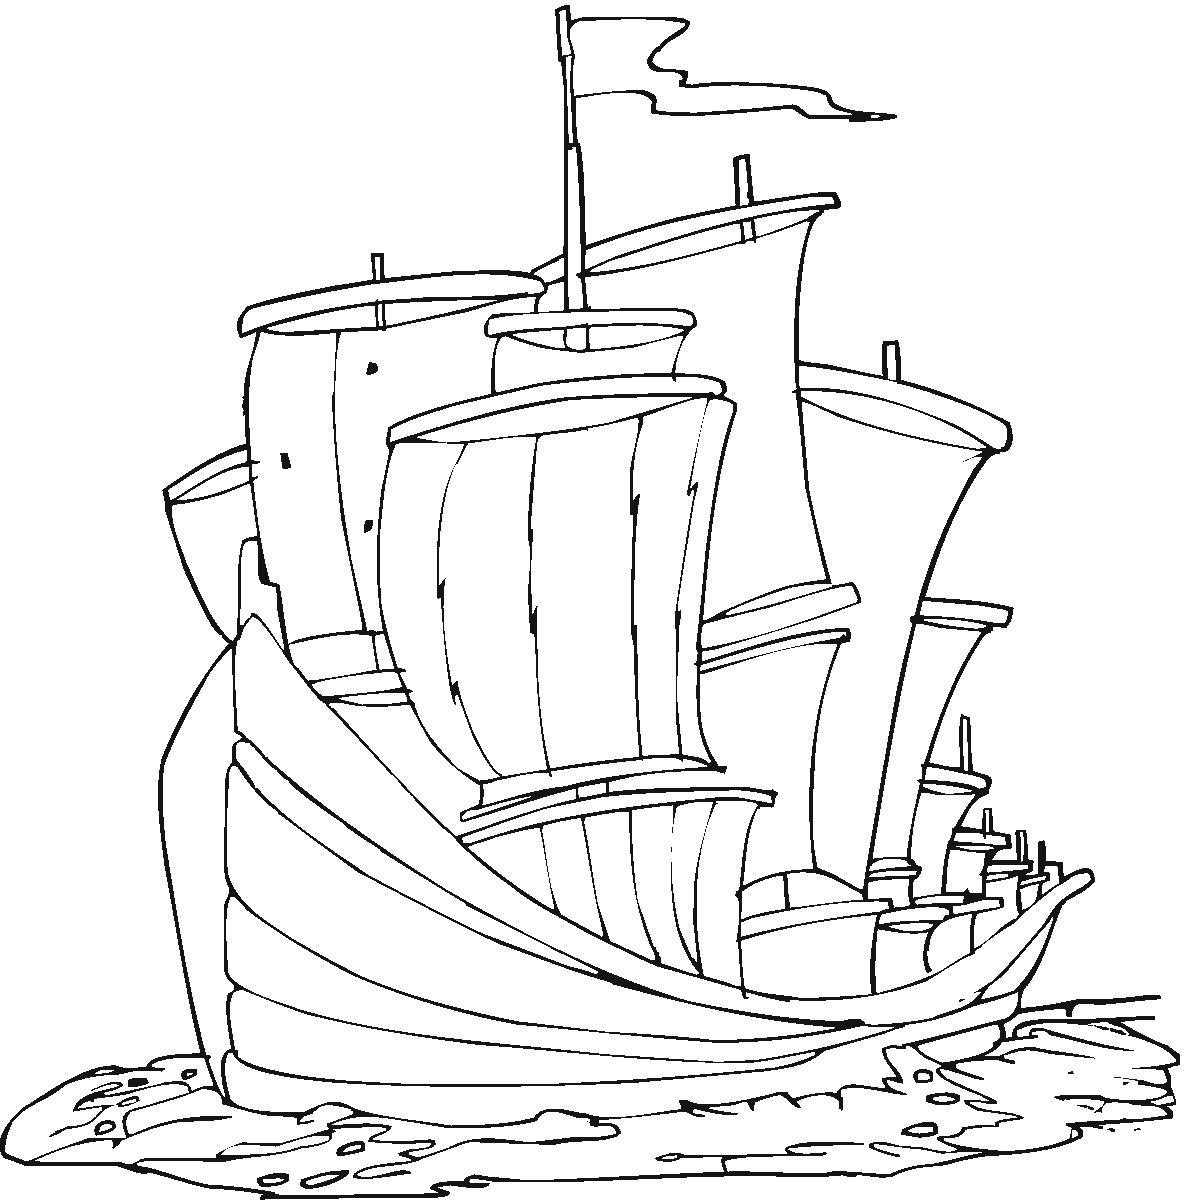 la nina ship coloring pages - photo #13